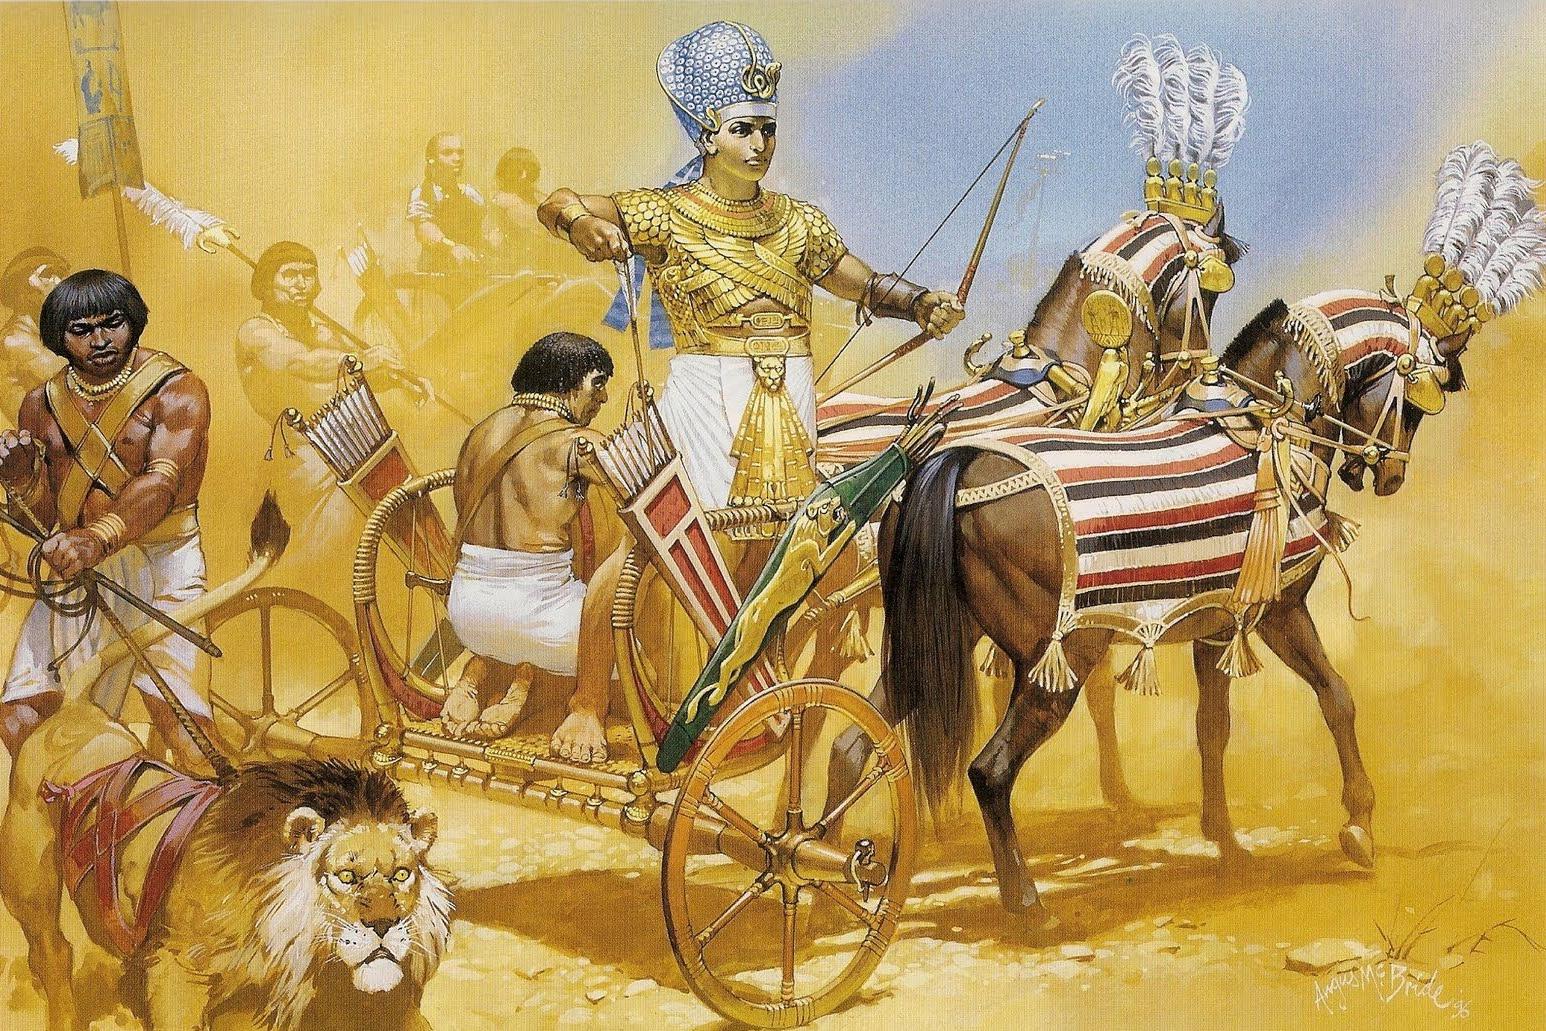 Bức tranh toàn cảnh về Ai Cập cổ đại: Cái nôi nền văn minh nhân loại